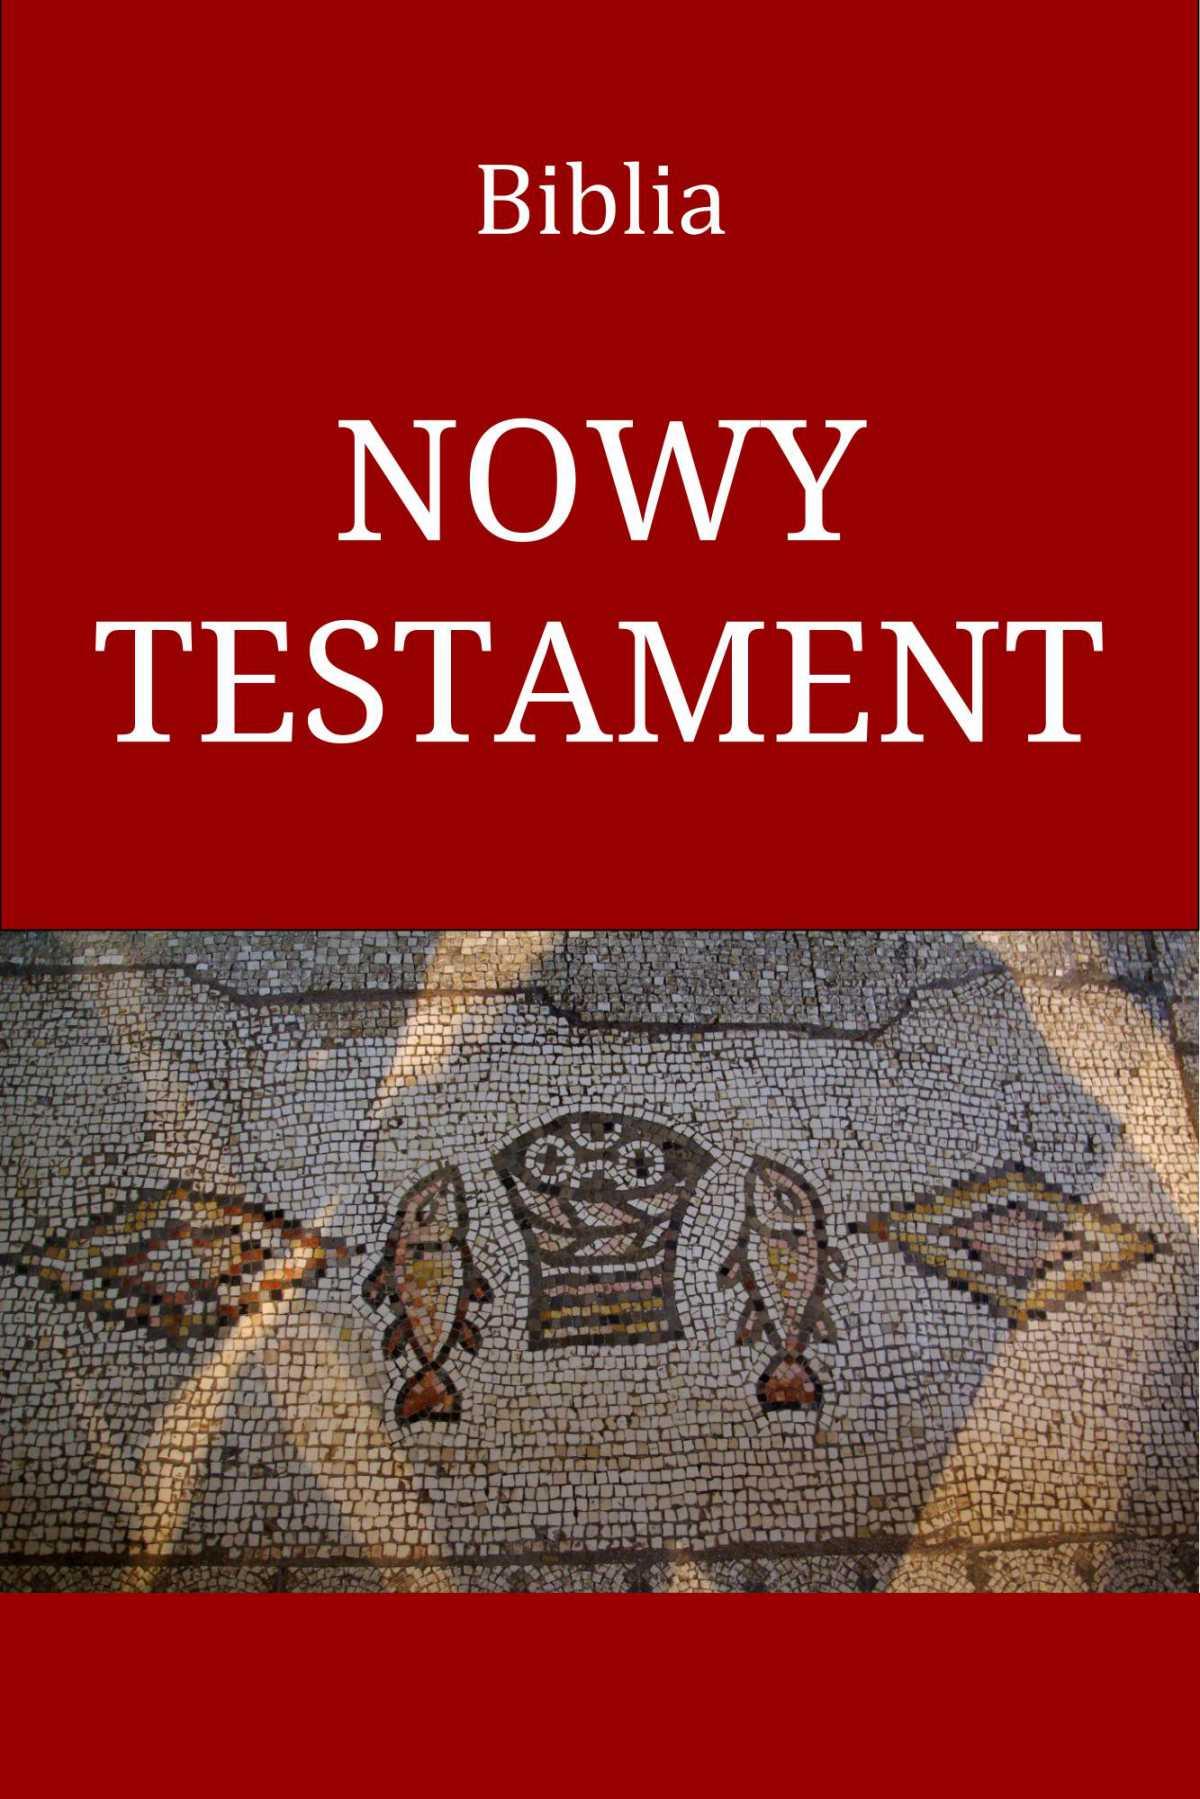 Biblia. Nowy Testament - Ebook (Książka na Kindle) do pobrania w formacie MOBI